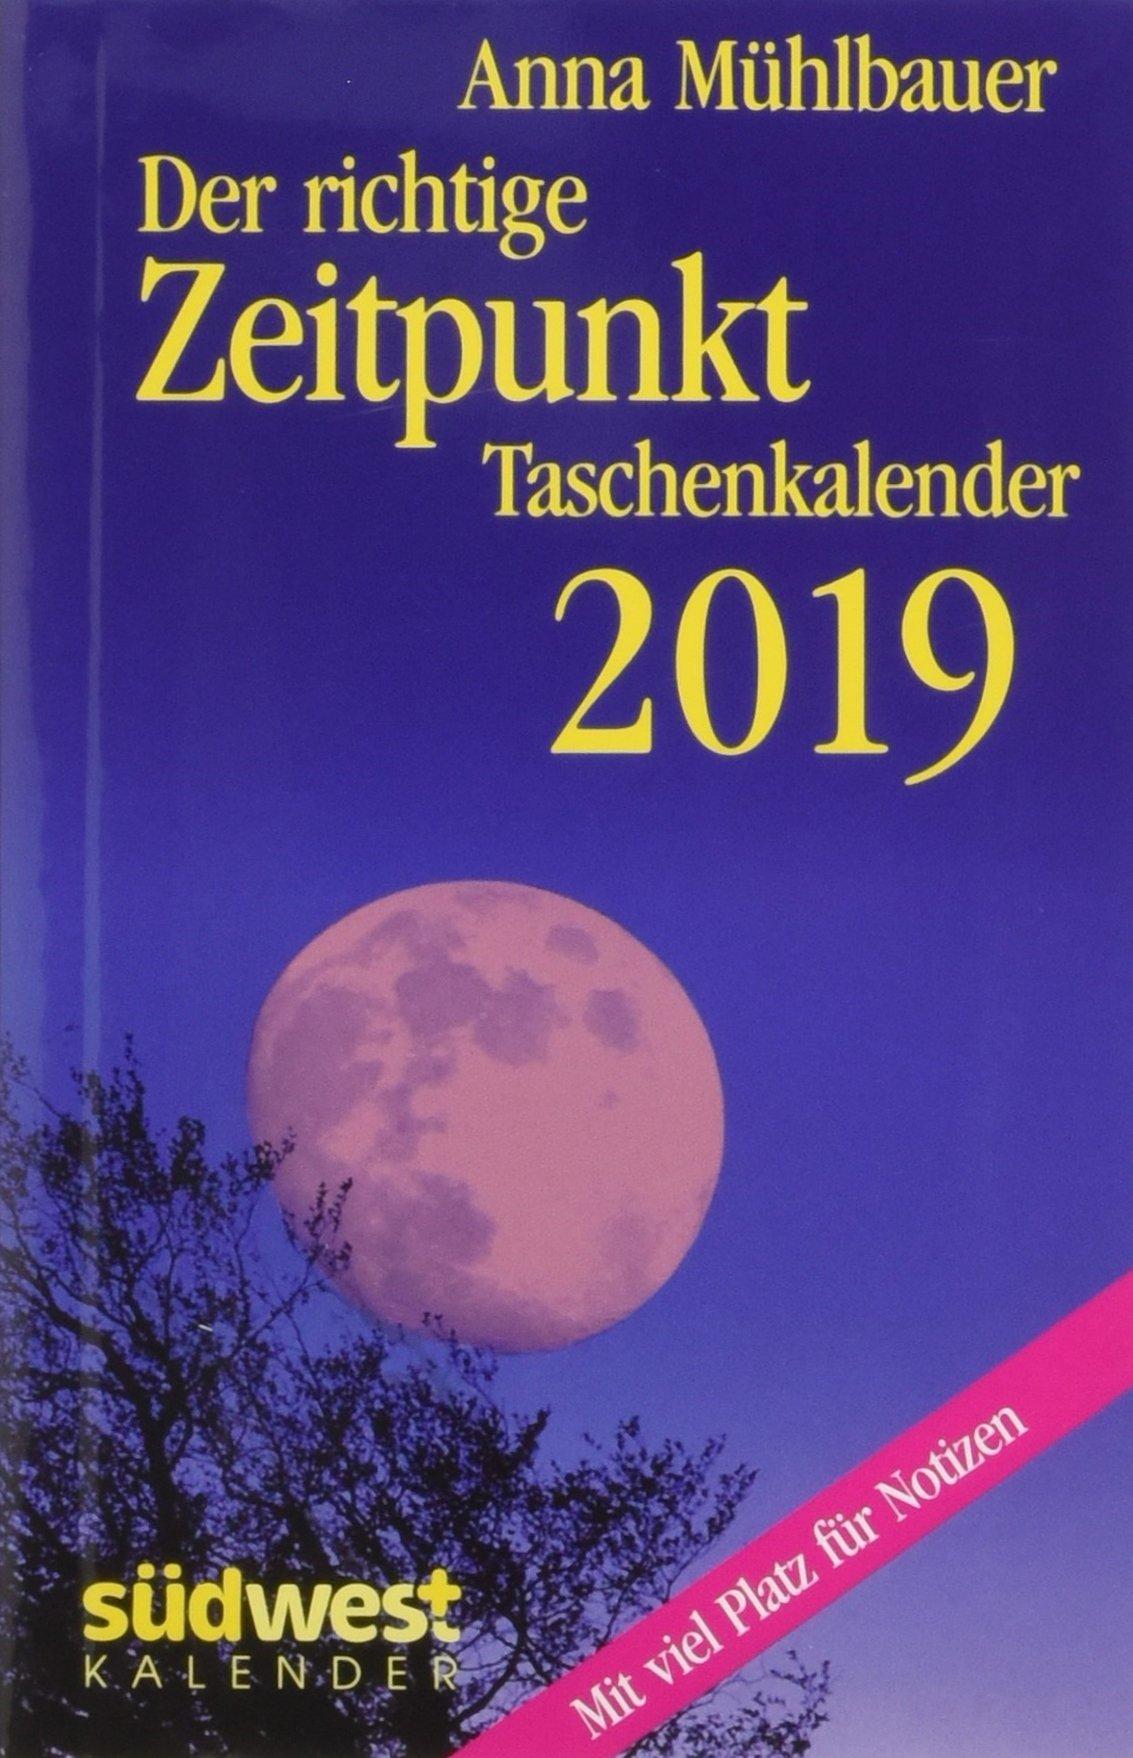 Der richtige Zeitpunkt 2019 Taschenkalender Kalender – 4. Juni 2018 Anna Mühlbauer Südwest Verlag 3517096490 Ratgeber / Sonstiges